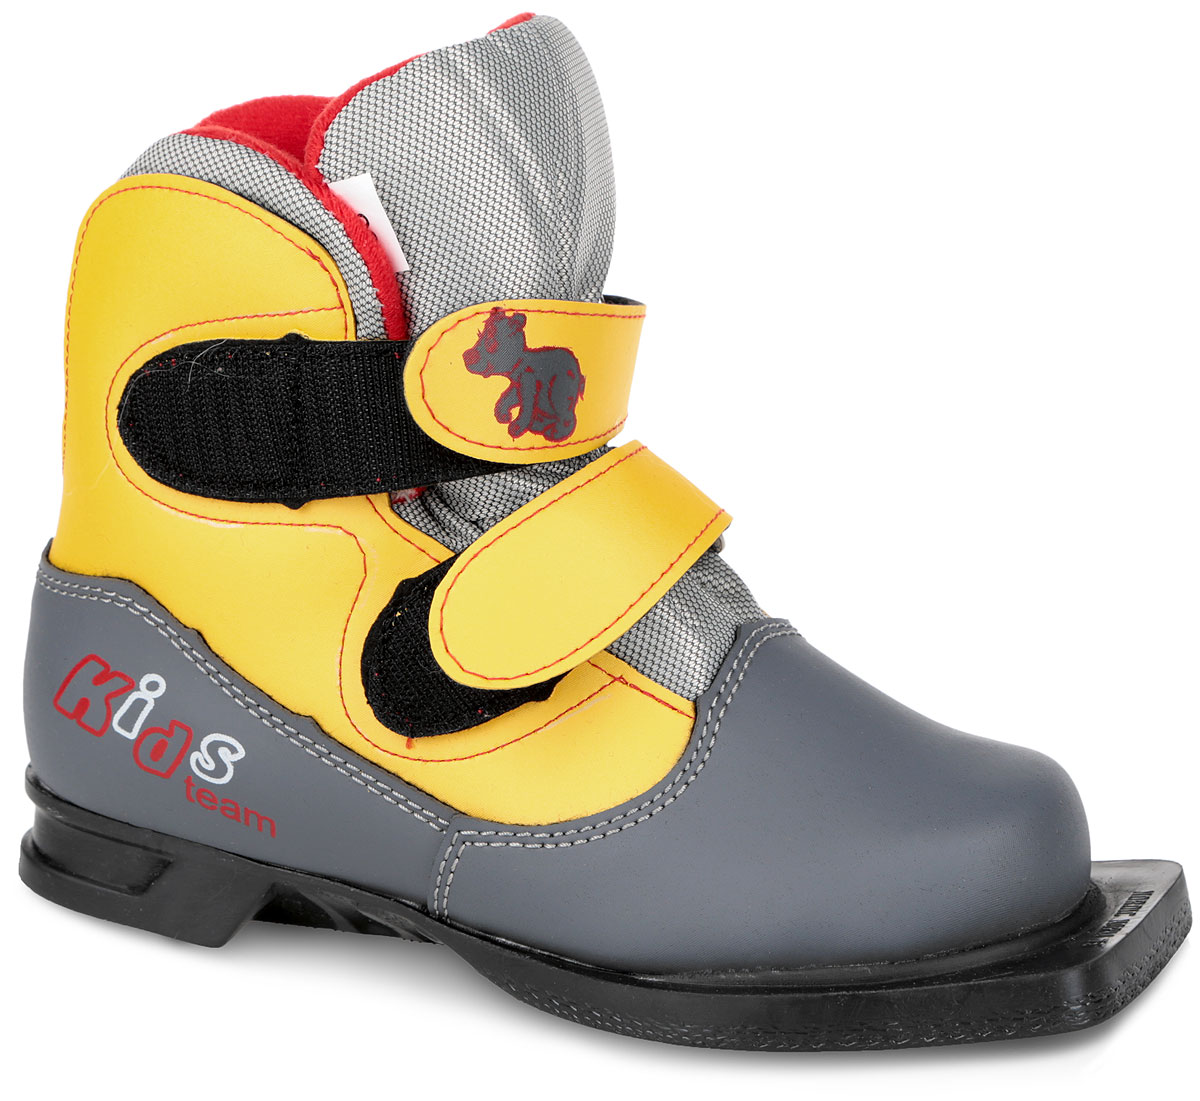 Ботинки лыжные детские Marax, цвет: серый, желтый. NN75. Размер 33NN75 Kids_серый, желтый_33Лыжные детские ботинки Marax предназначены для активного отдыха. Модельизготовлена из морозостойкой искусственной кожи и текстиля. Подкладка выполнена из искусственного меха и флиса, благодаря чему ваши ноги всегда будут в тепле. Шерстяная стелька комфортна при беге. Вставка на заднике обеспечивает дополнительную жесткость, позволяя дольше сохранять первоначальную форму ботинка и предотвращать натирание стопы. Ботинки снабжены удобными застежками-липучками, которые надежно фиксируют модель на ноге и регулируют объем, а также язычком-клапаном, который защищает от попадания снега и влаги. Подошва системы 75 мм из двухкомпонентной резины, является надежной и весьма простой системой крепежа и позволяет безбоязненно использовать ботинок до -30°С. В таких лыжных ботинках вам будет комфортно и уютно.